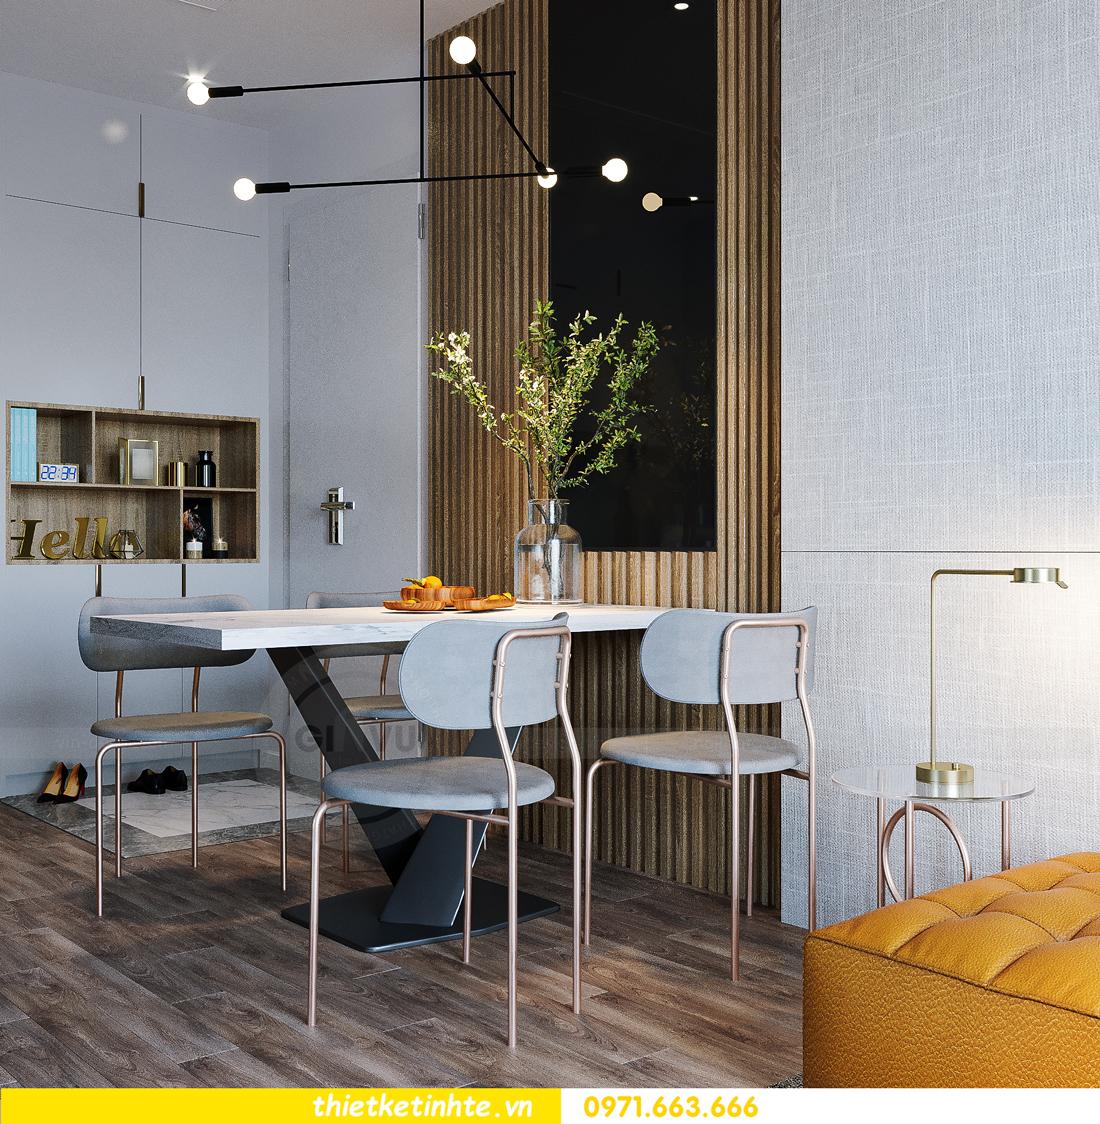 hoàn thiện nội thất Smart City tòa S202 căn hộ 12A 1